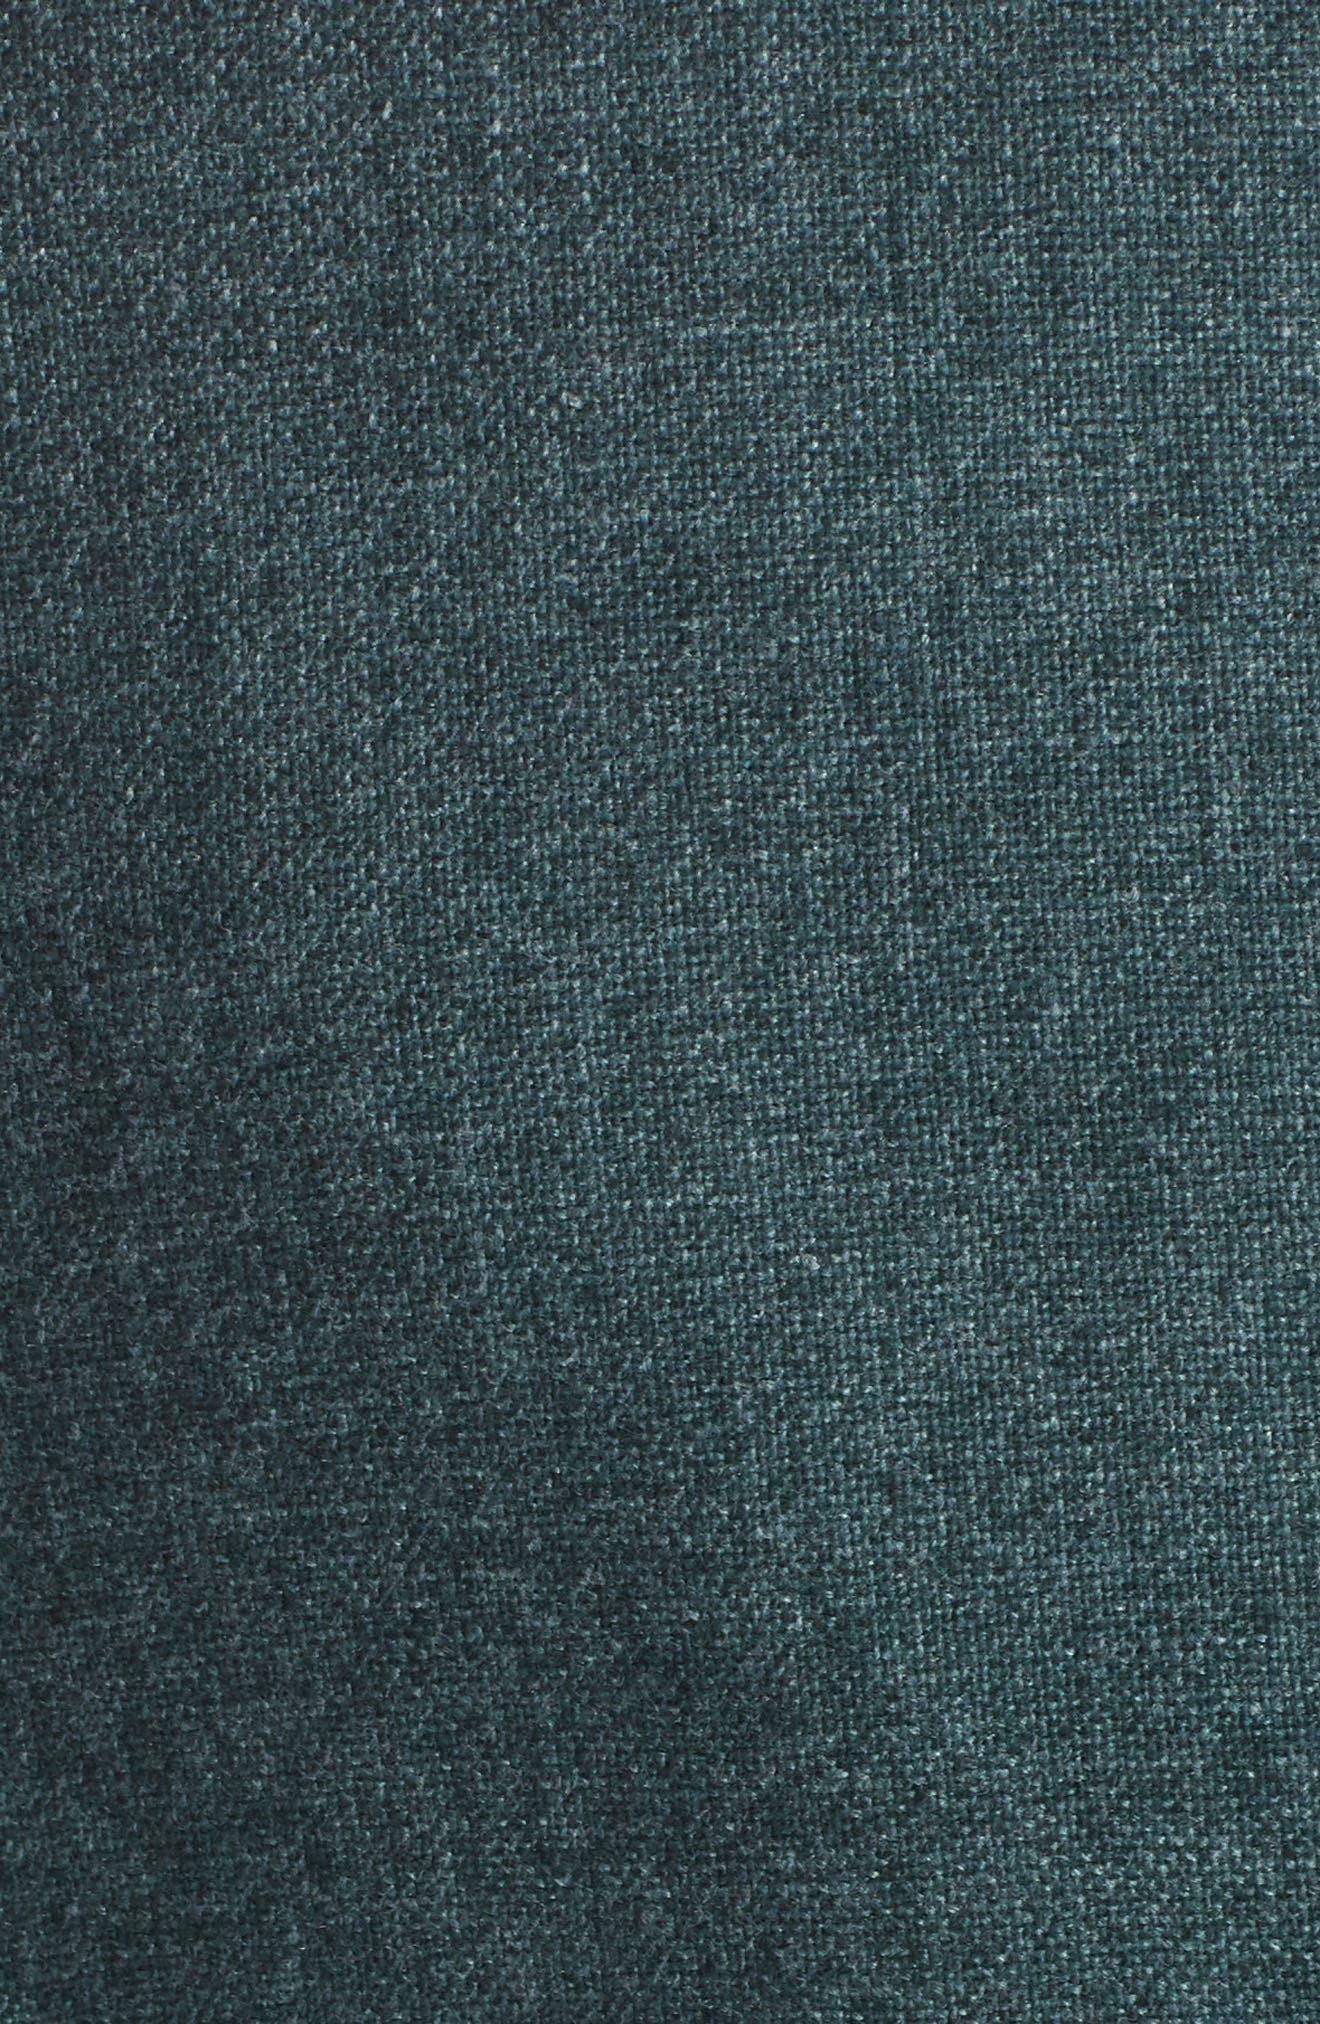 Trim Fit Cashmere Blend Blazer,                             Alternate thumbnail 6, color,                             GREEN